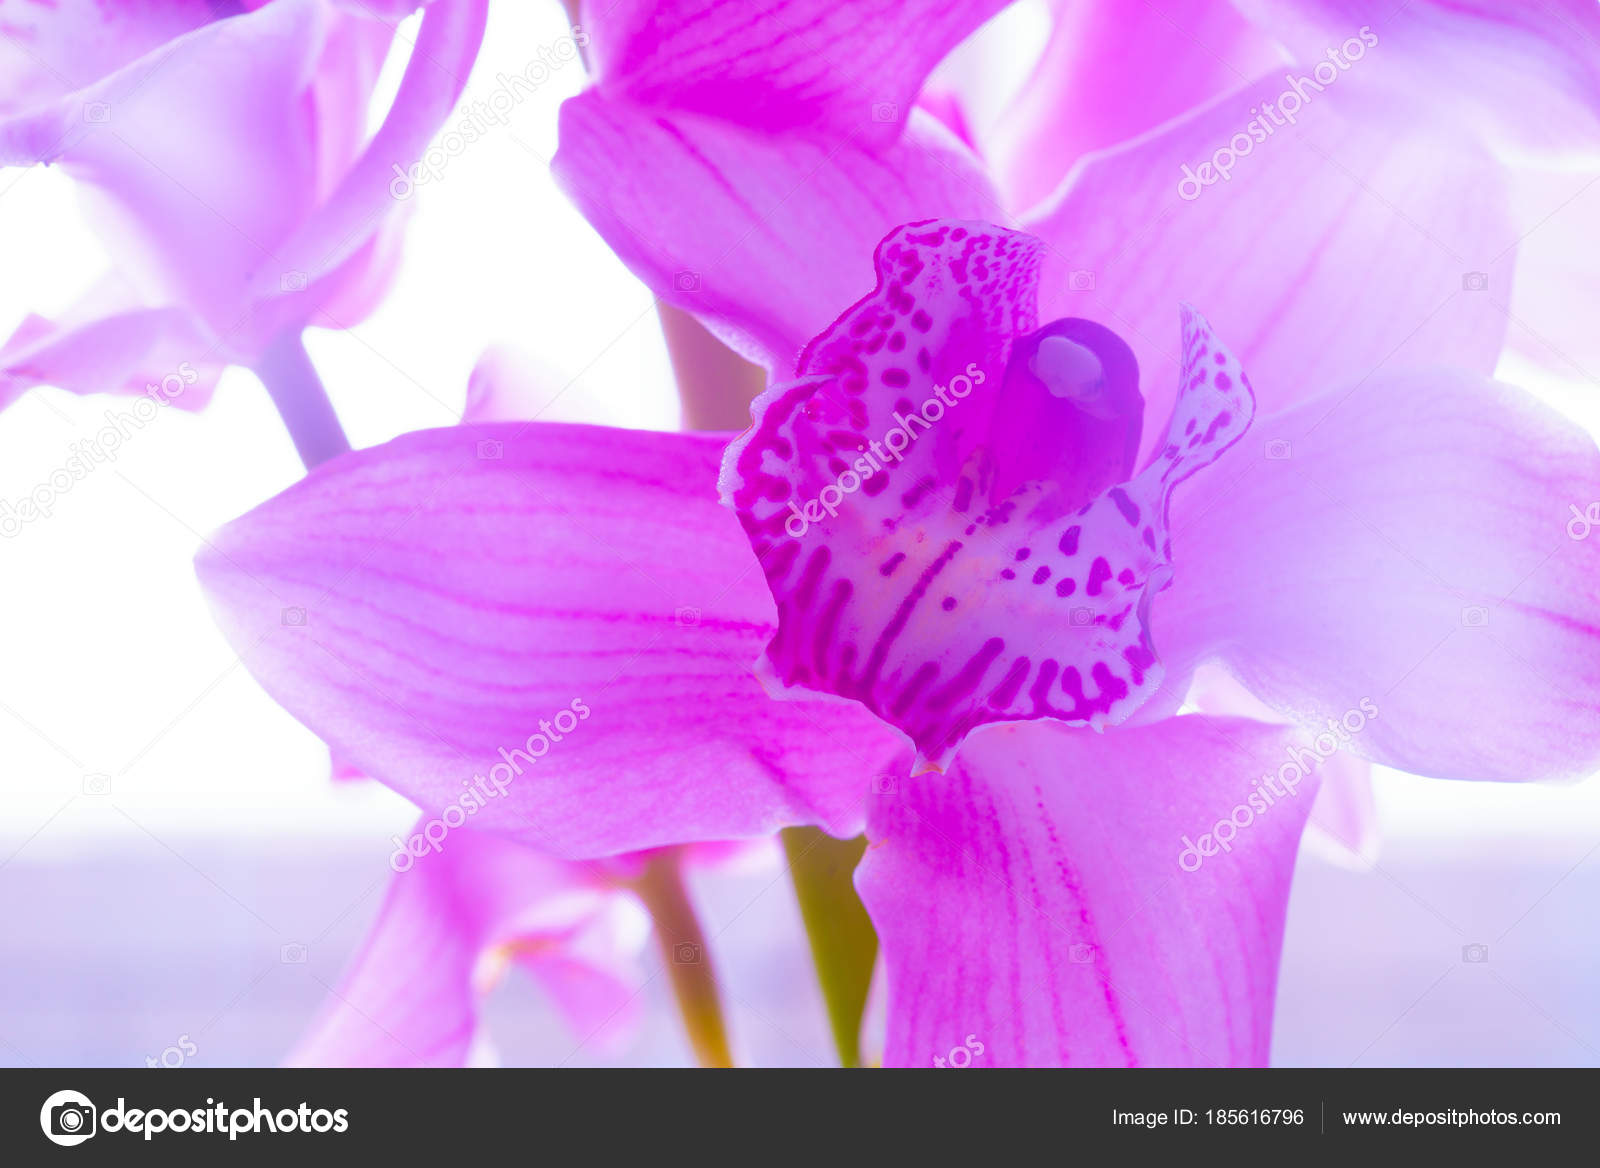 L Orchidee Fleurs Beautiful Floral Fond Pour Fonds D Ecran